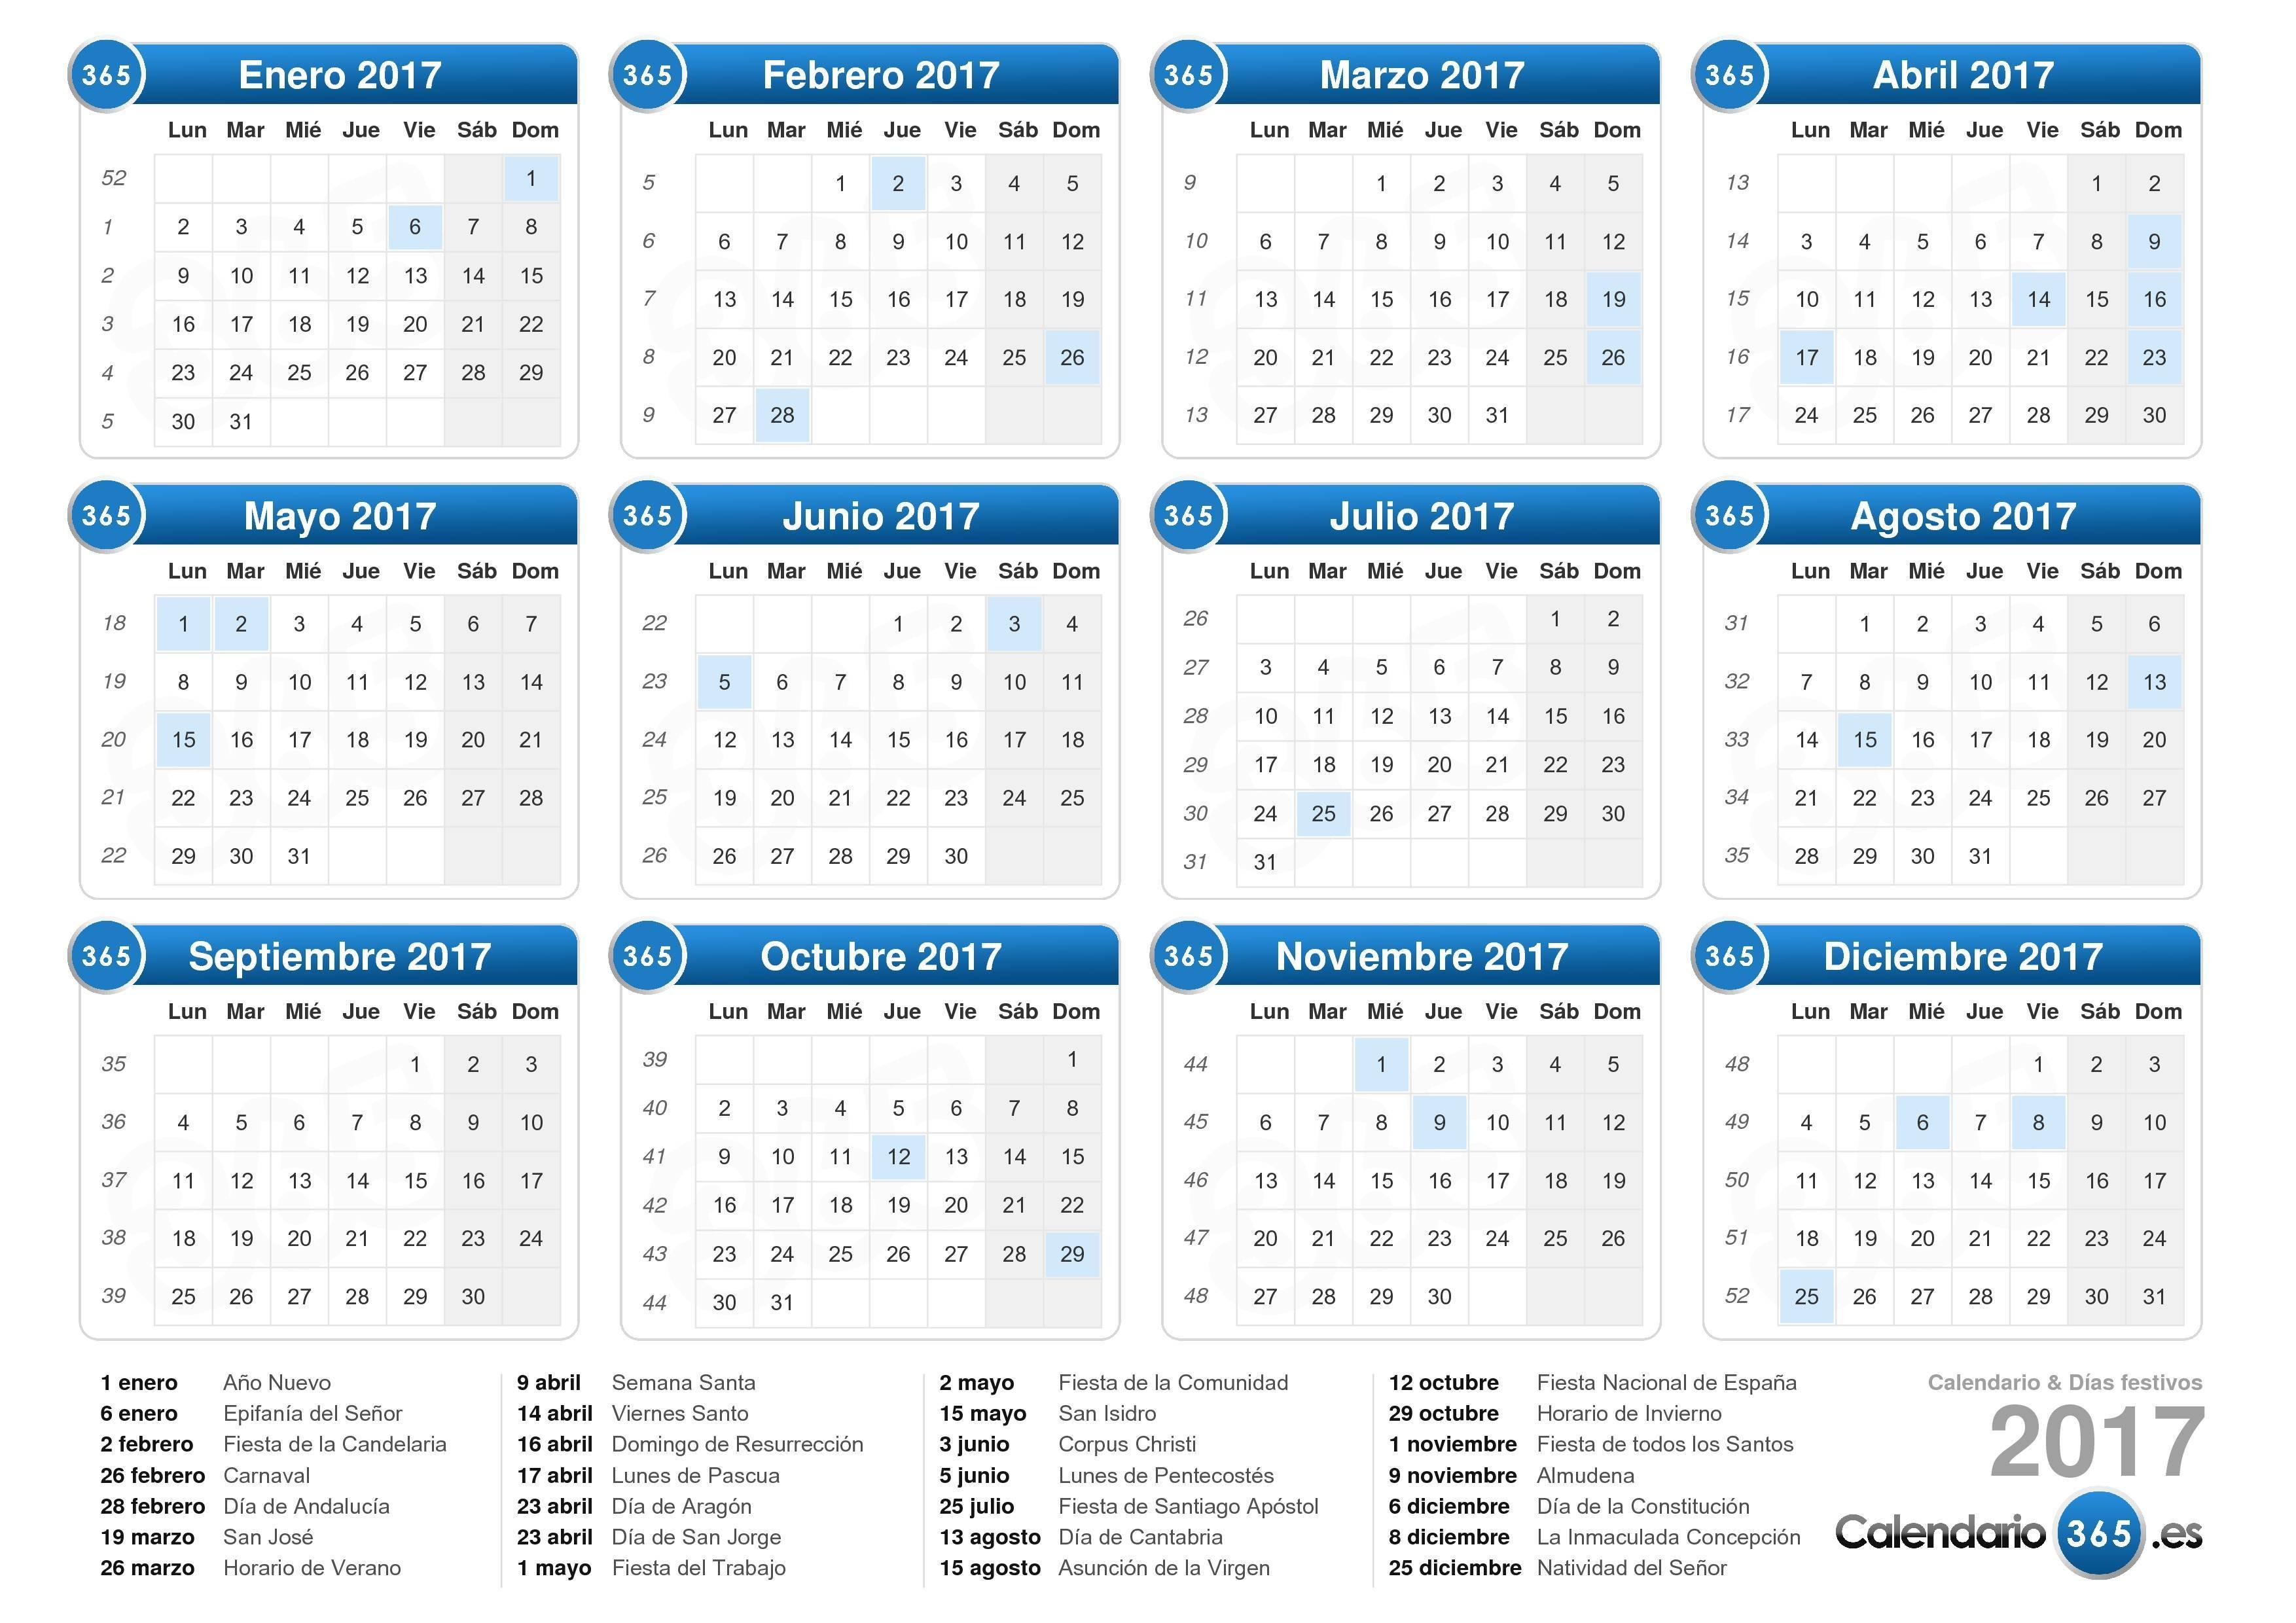 Calendario Academico 2019 Argentina Más Populares Calendario 2017 Of Calendario Academico 2019 Argentina Más Populares Calendario Julio 2019 Manualidades Pinterest